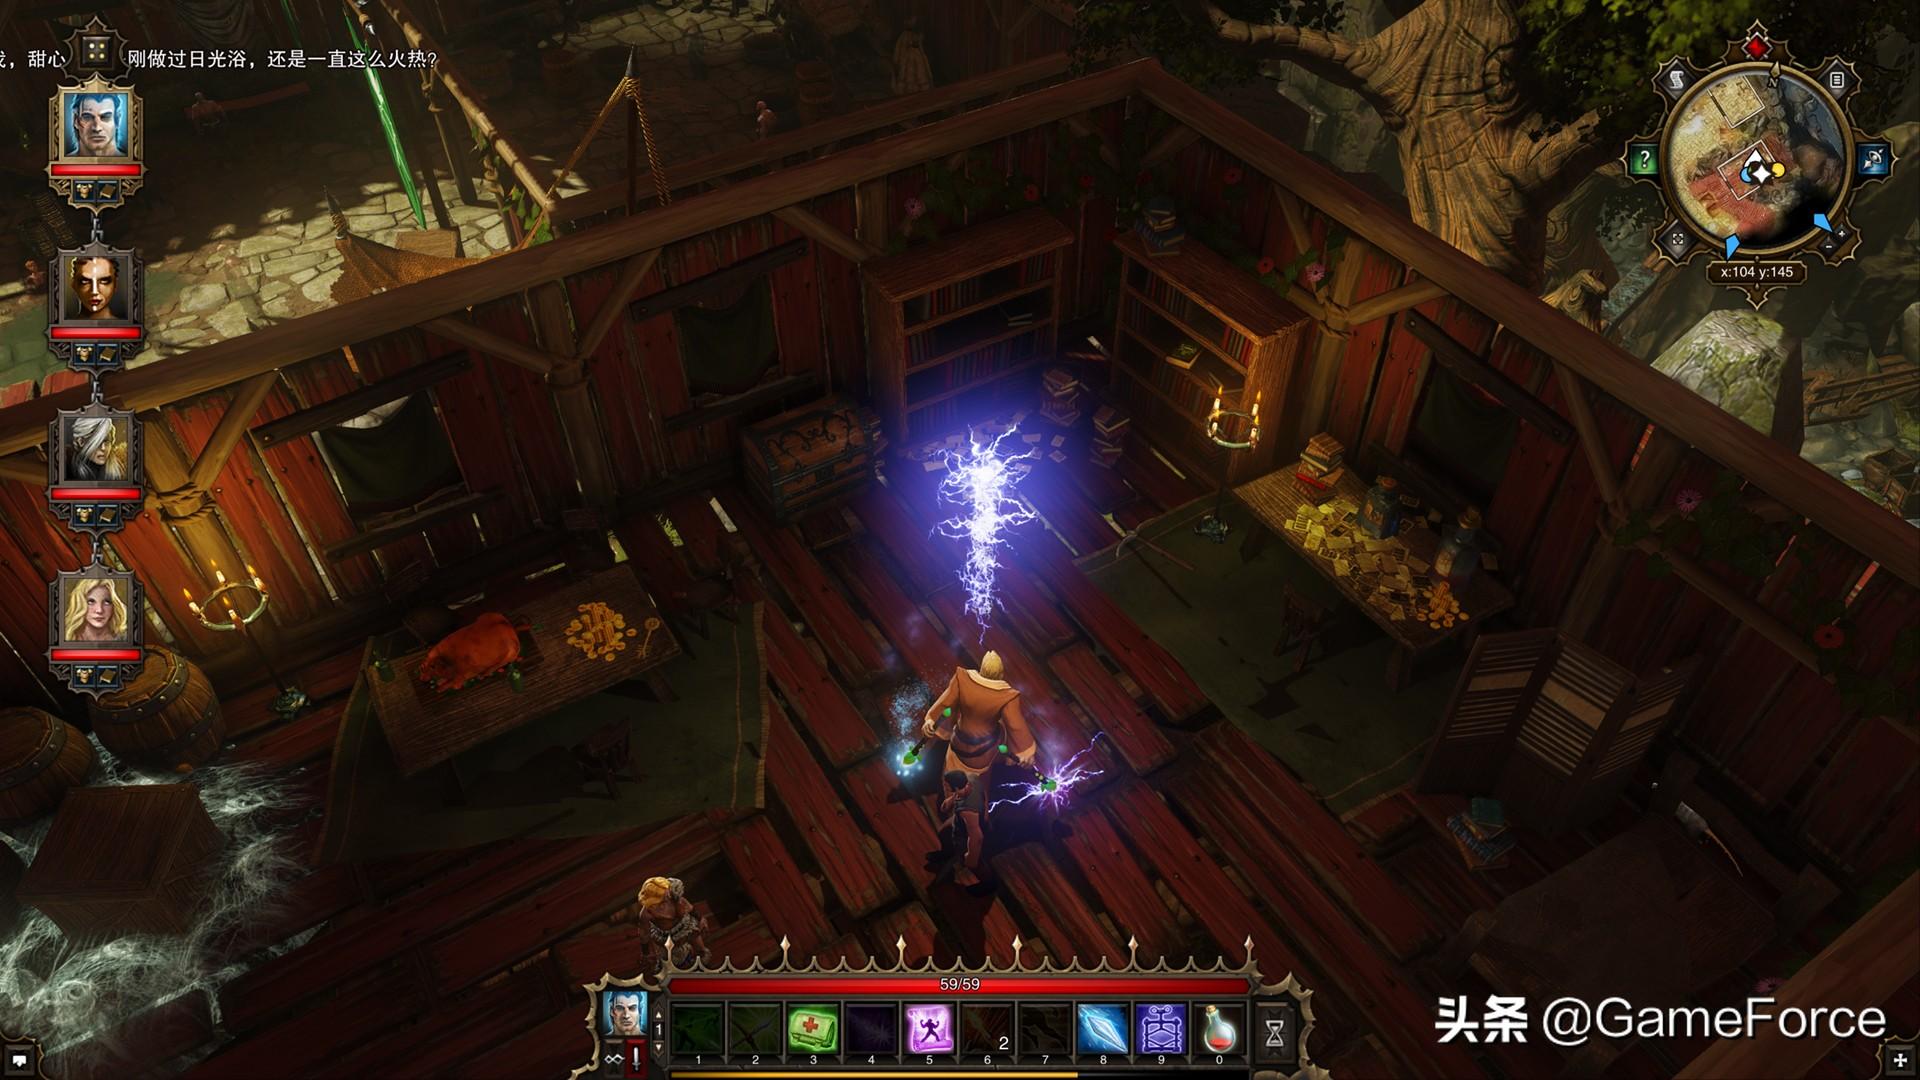 《神界 原罪》强化版评测:2014年最佳PC游戏重制体验